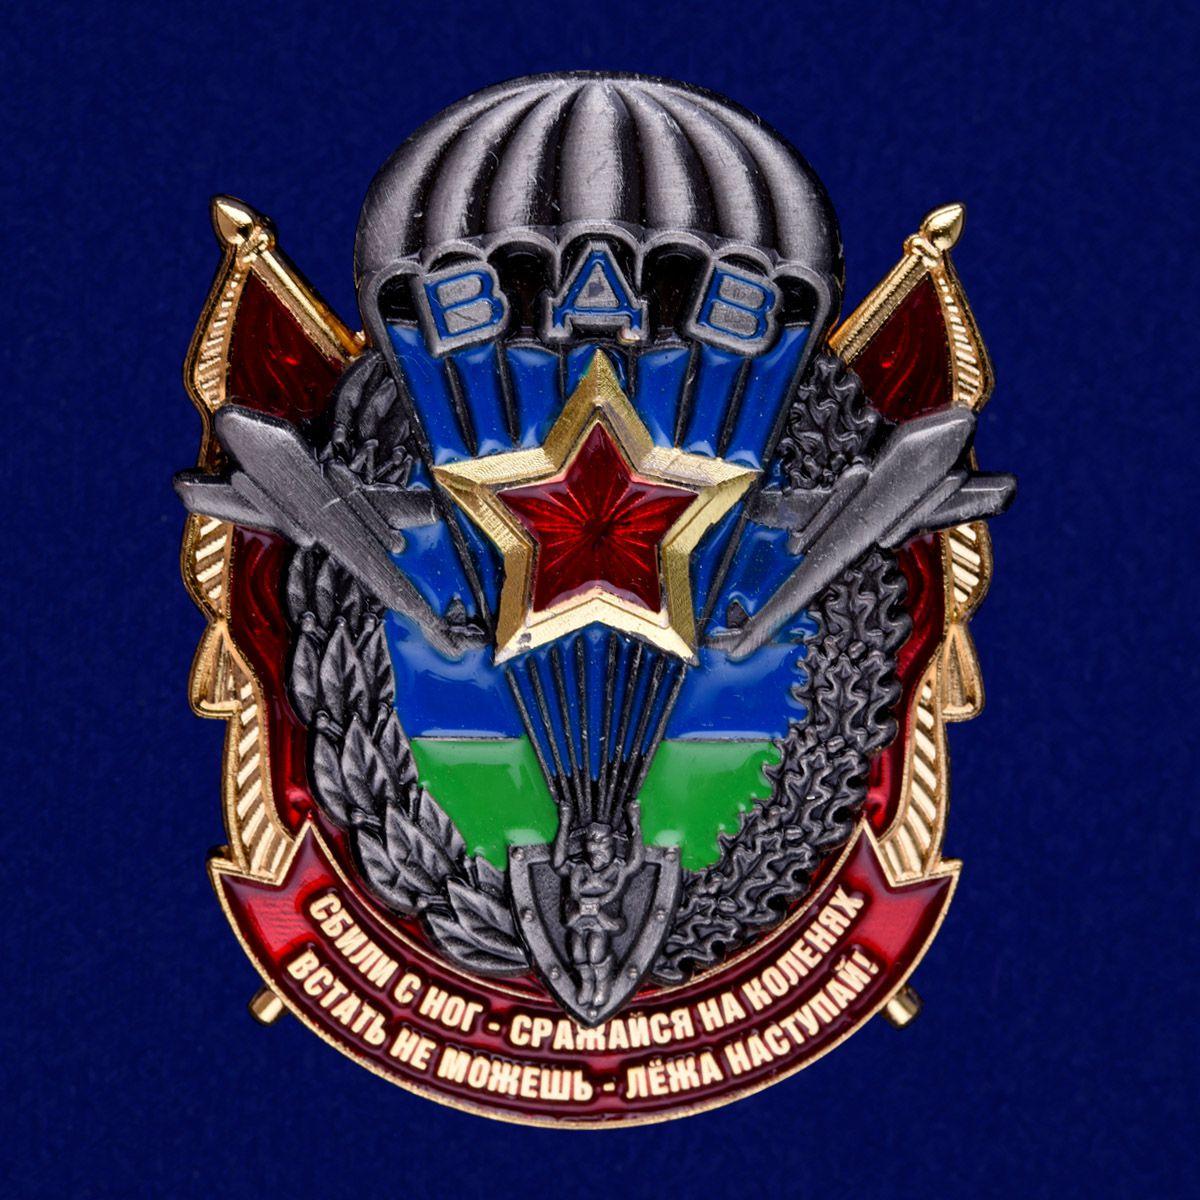 Самое дешевое в Москве и области изготовление медалей и знаков отличия на заказ